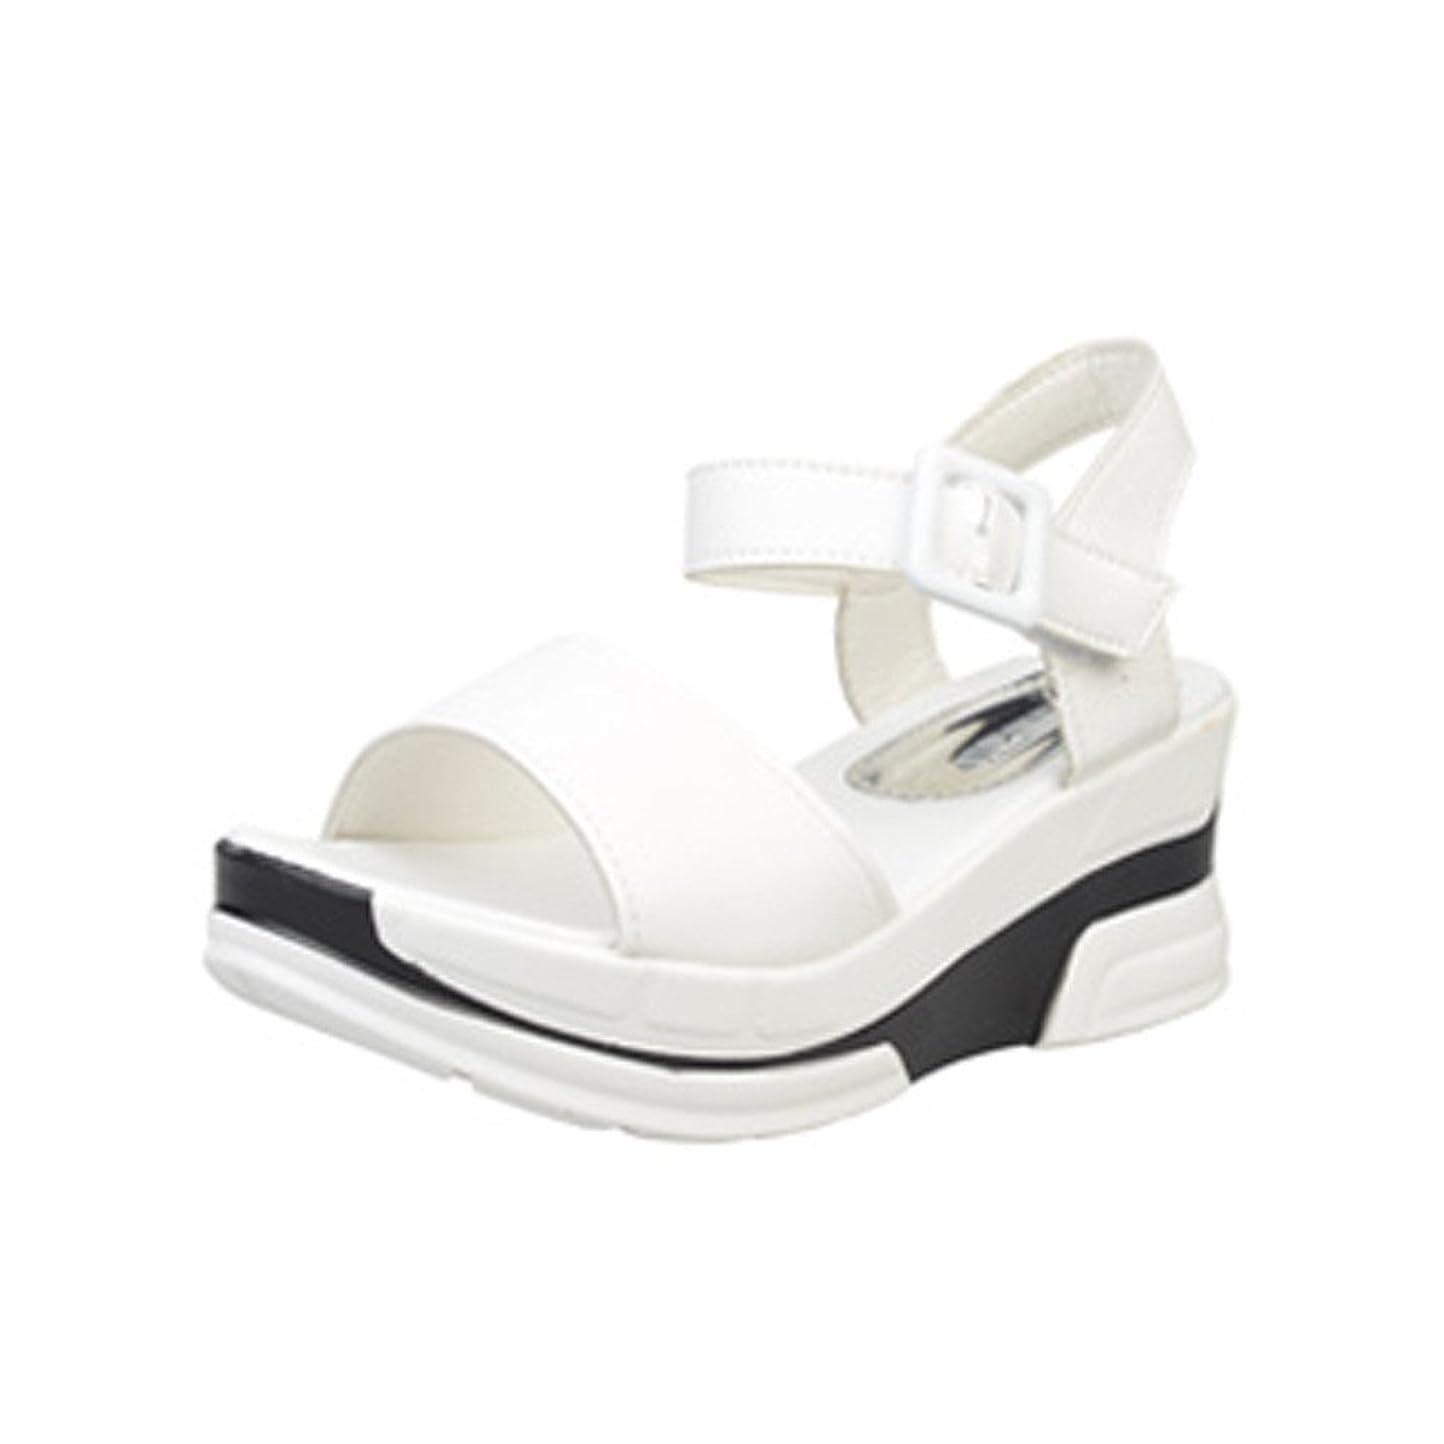 に電子レンジアドバイス[シューズ Foreted] サンダル フラット アンクルストラップ 美脚 フォーマル 厚底 おしゃれ 夏 歩きやすい コンフォート ウェッジソール ぺたんこ靴 可愛い